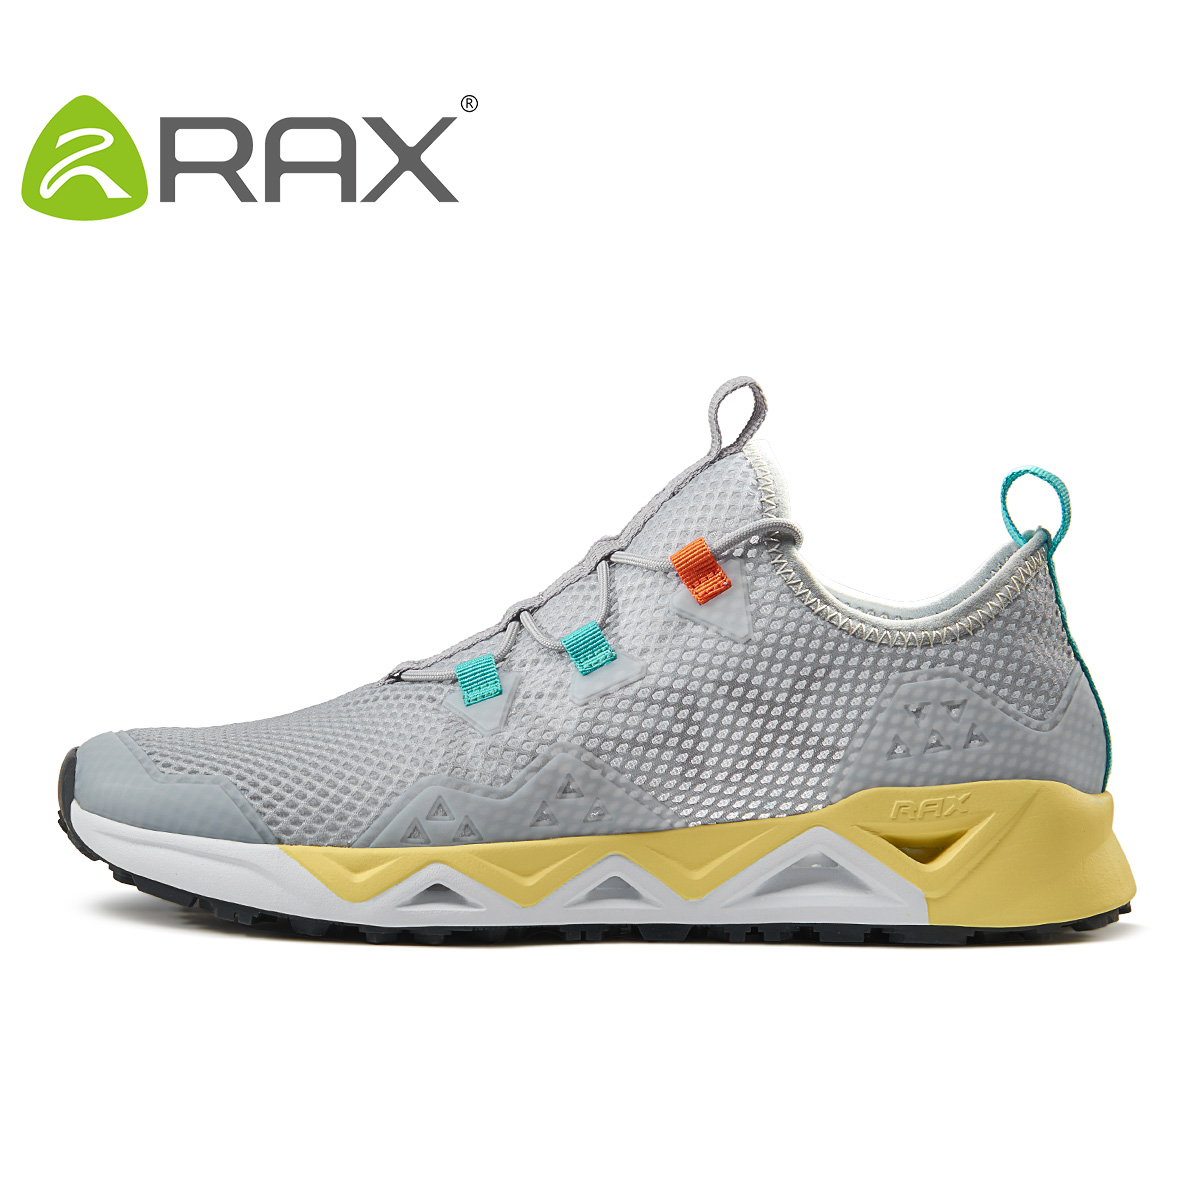 RAX chaussures de randonnée respirantes femmes hommes été chaussures de randonnée légères hommes en plein air marche chaussures de pêche hommes WomenZapatos